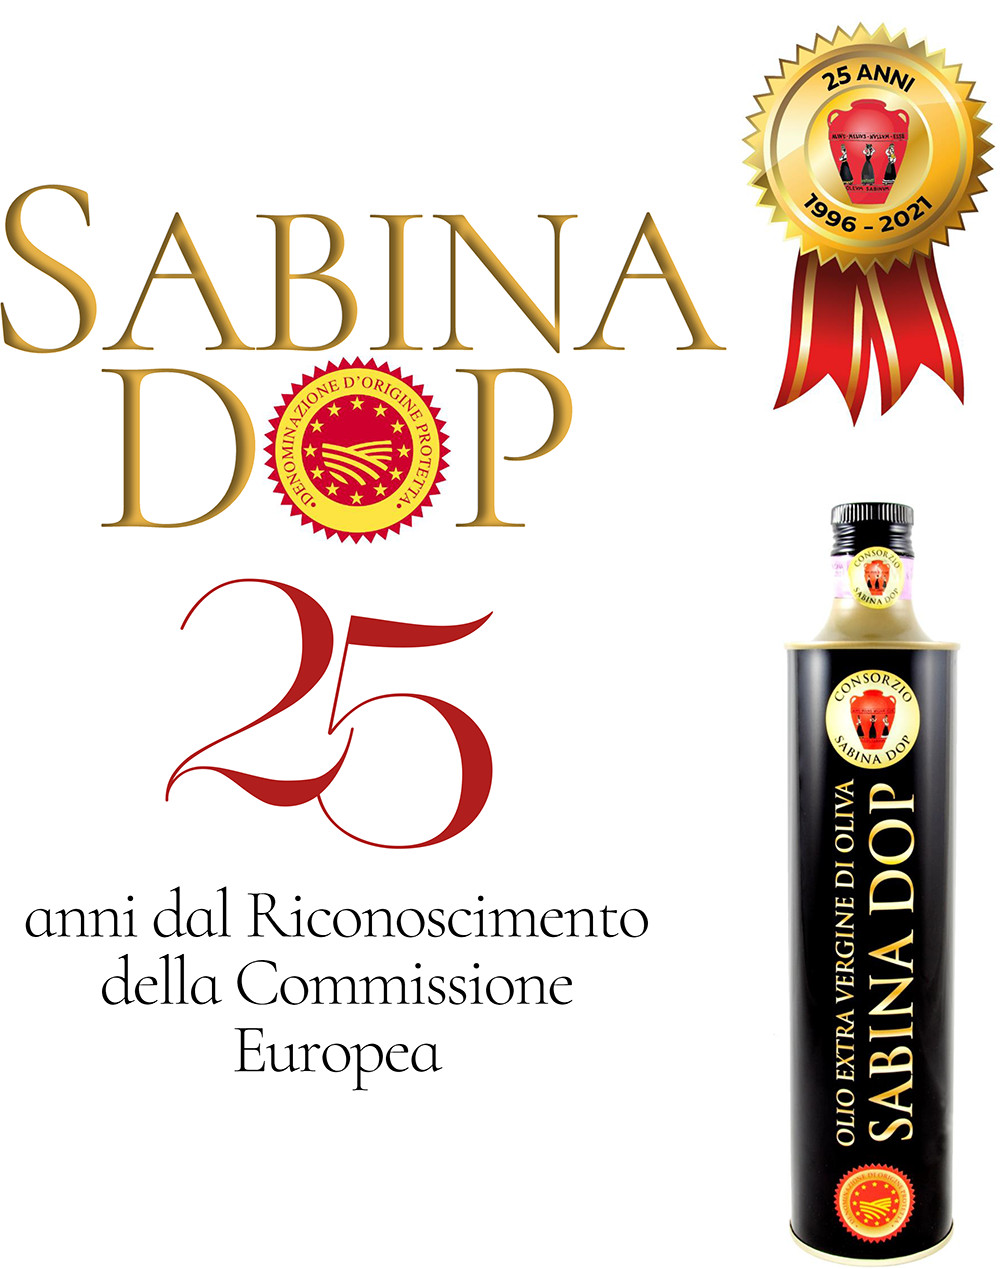 25 anni del Consorzio SABINA DOP: 1996-2021